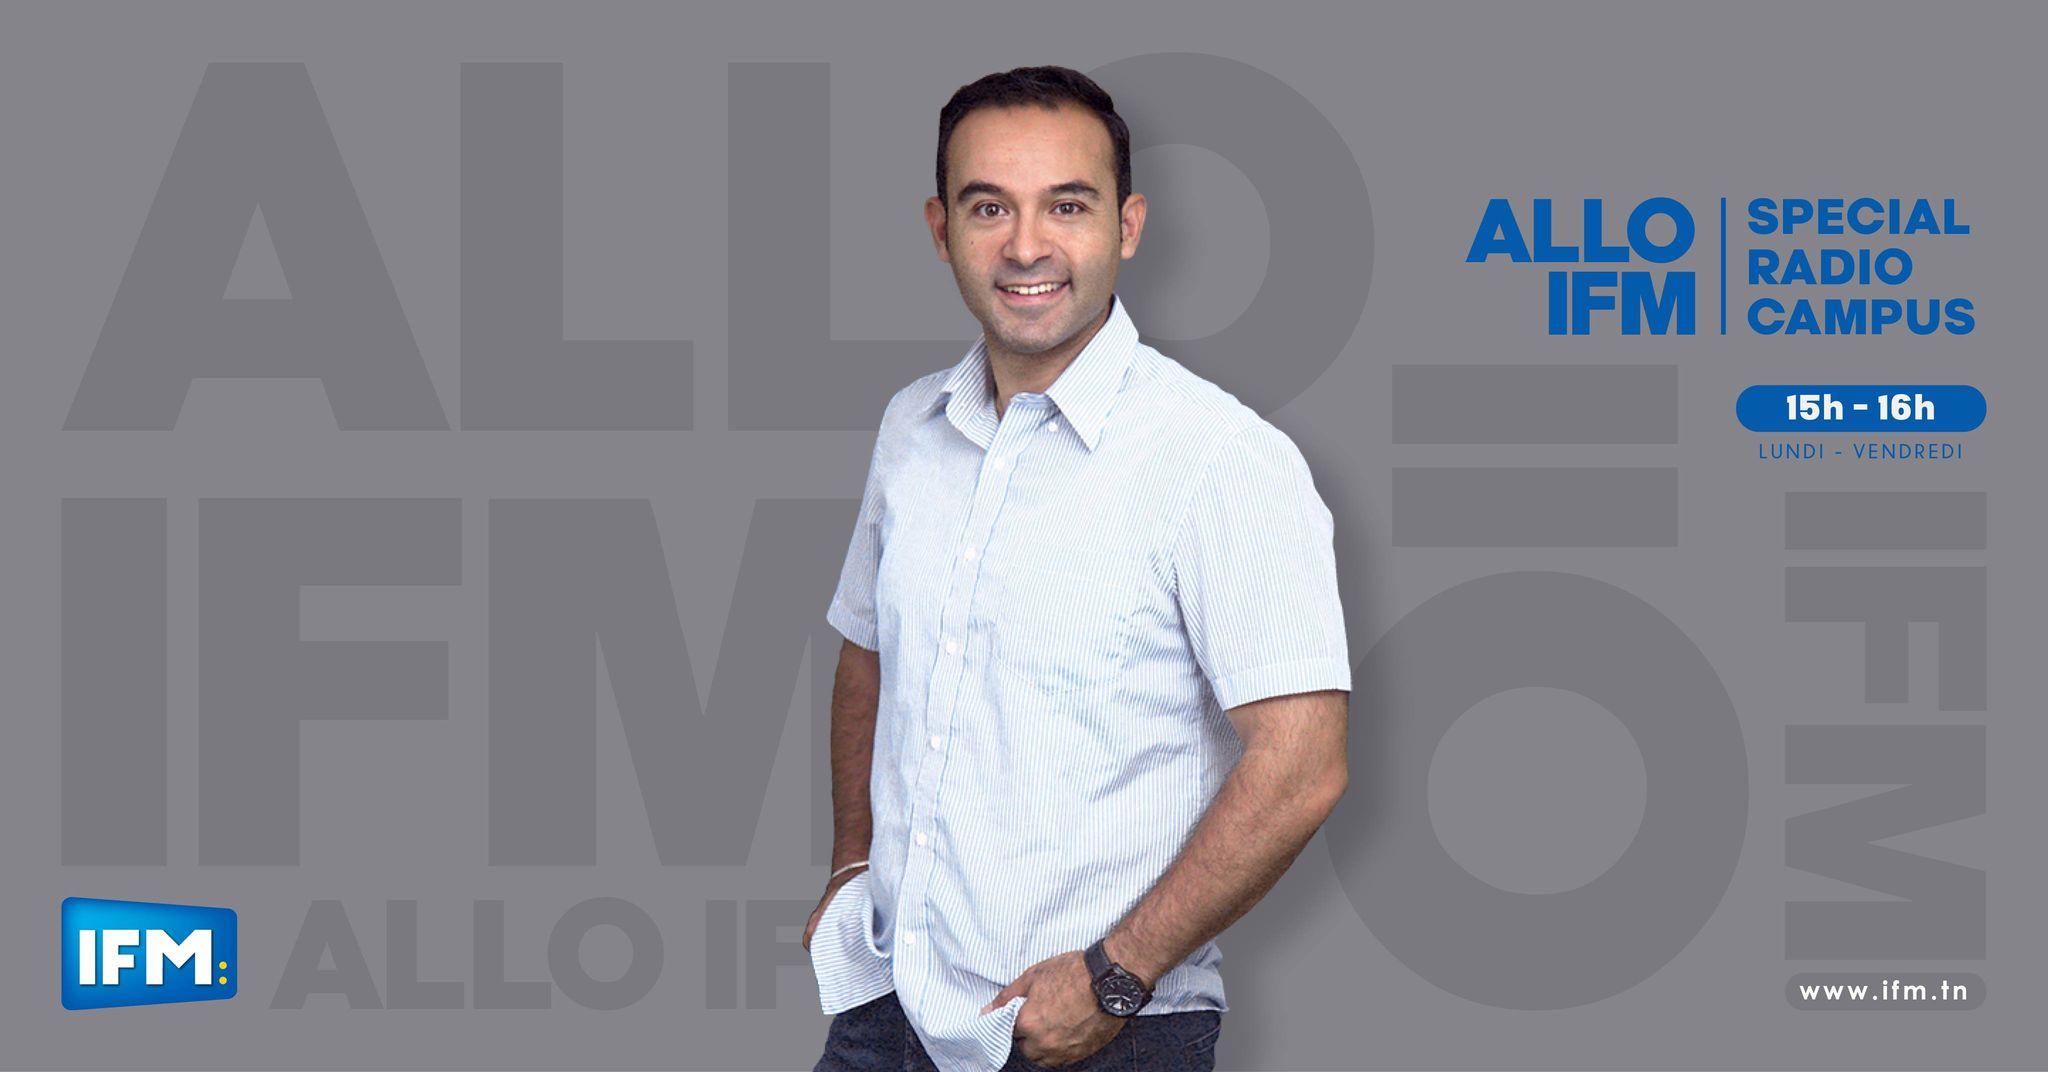 Allo IFM ألفة بن عودة وزيرة تعليم العالي و البحث العلمي ضيفة  RADIO CAMPUS